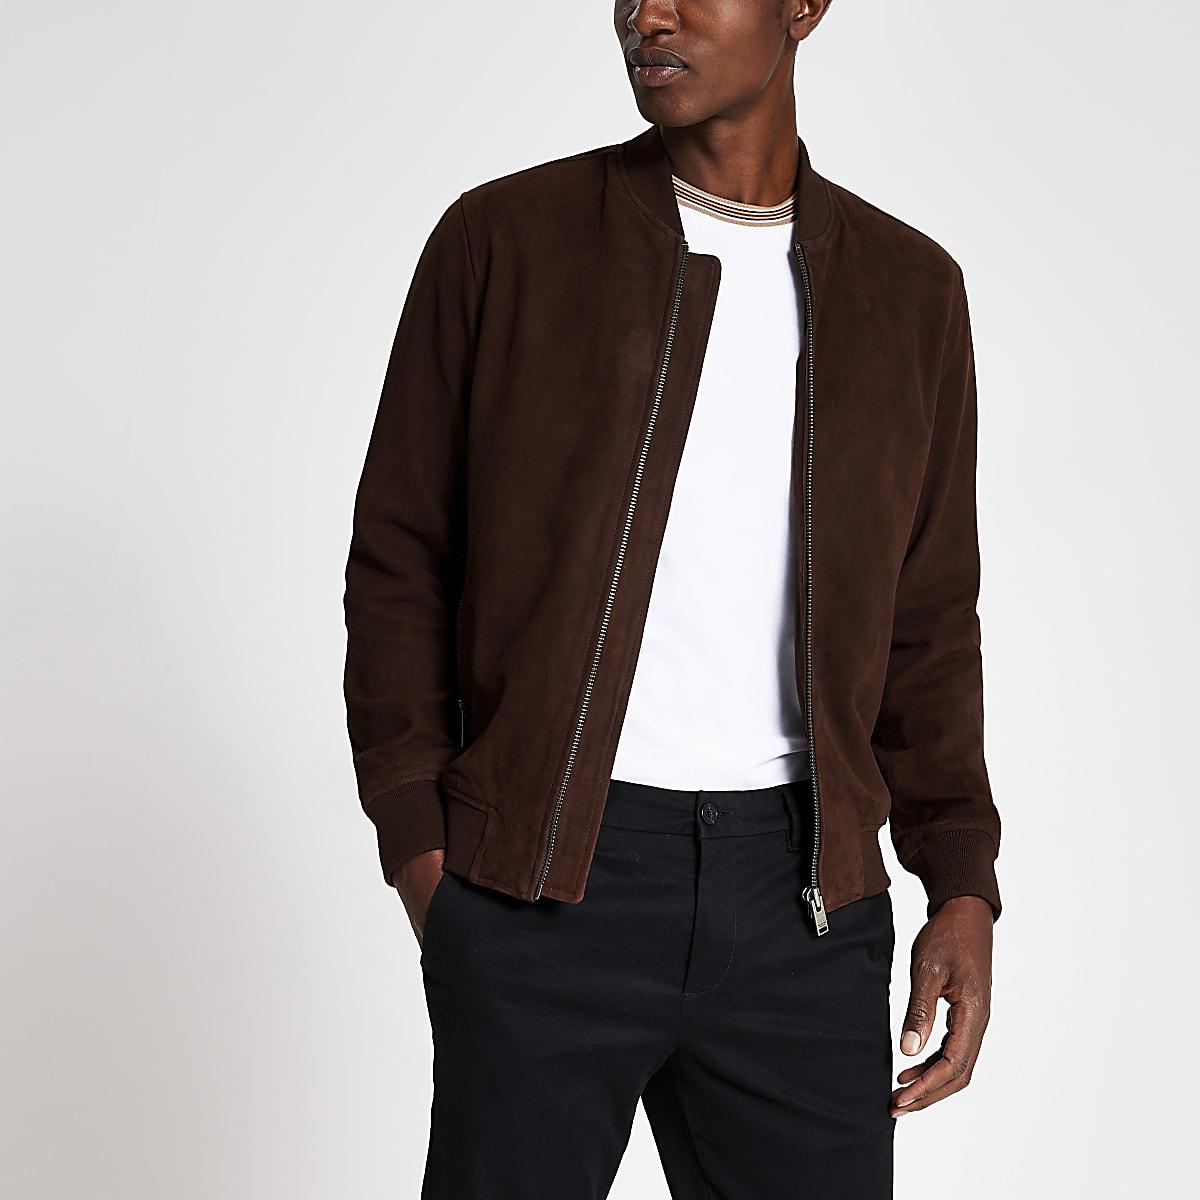 site réputé a43c4 51abd Selected Homme dark brown suede bomber jacket